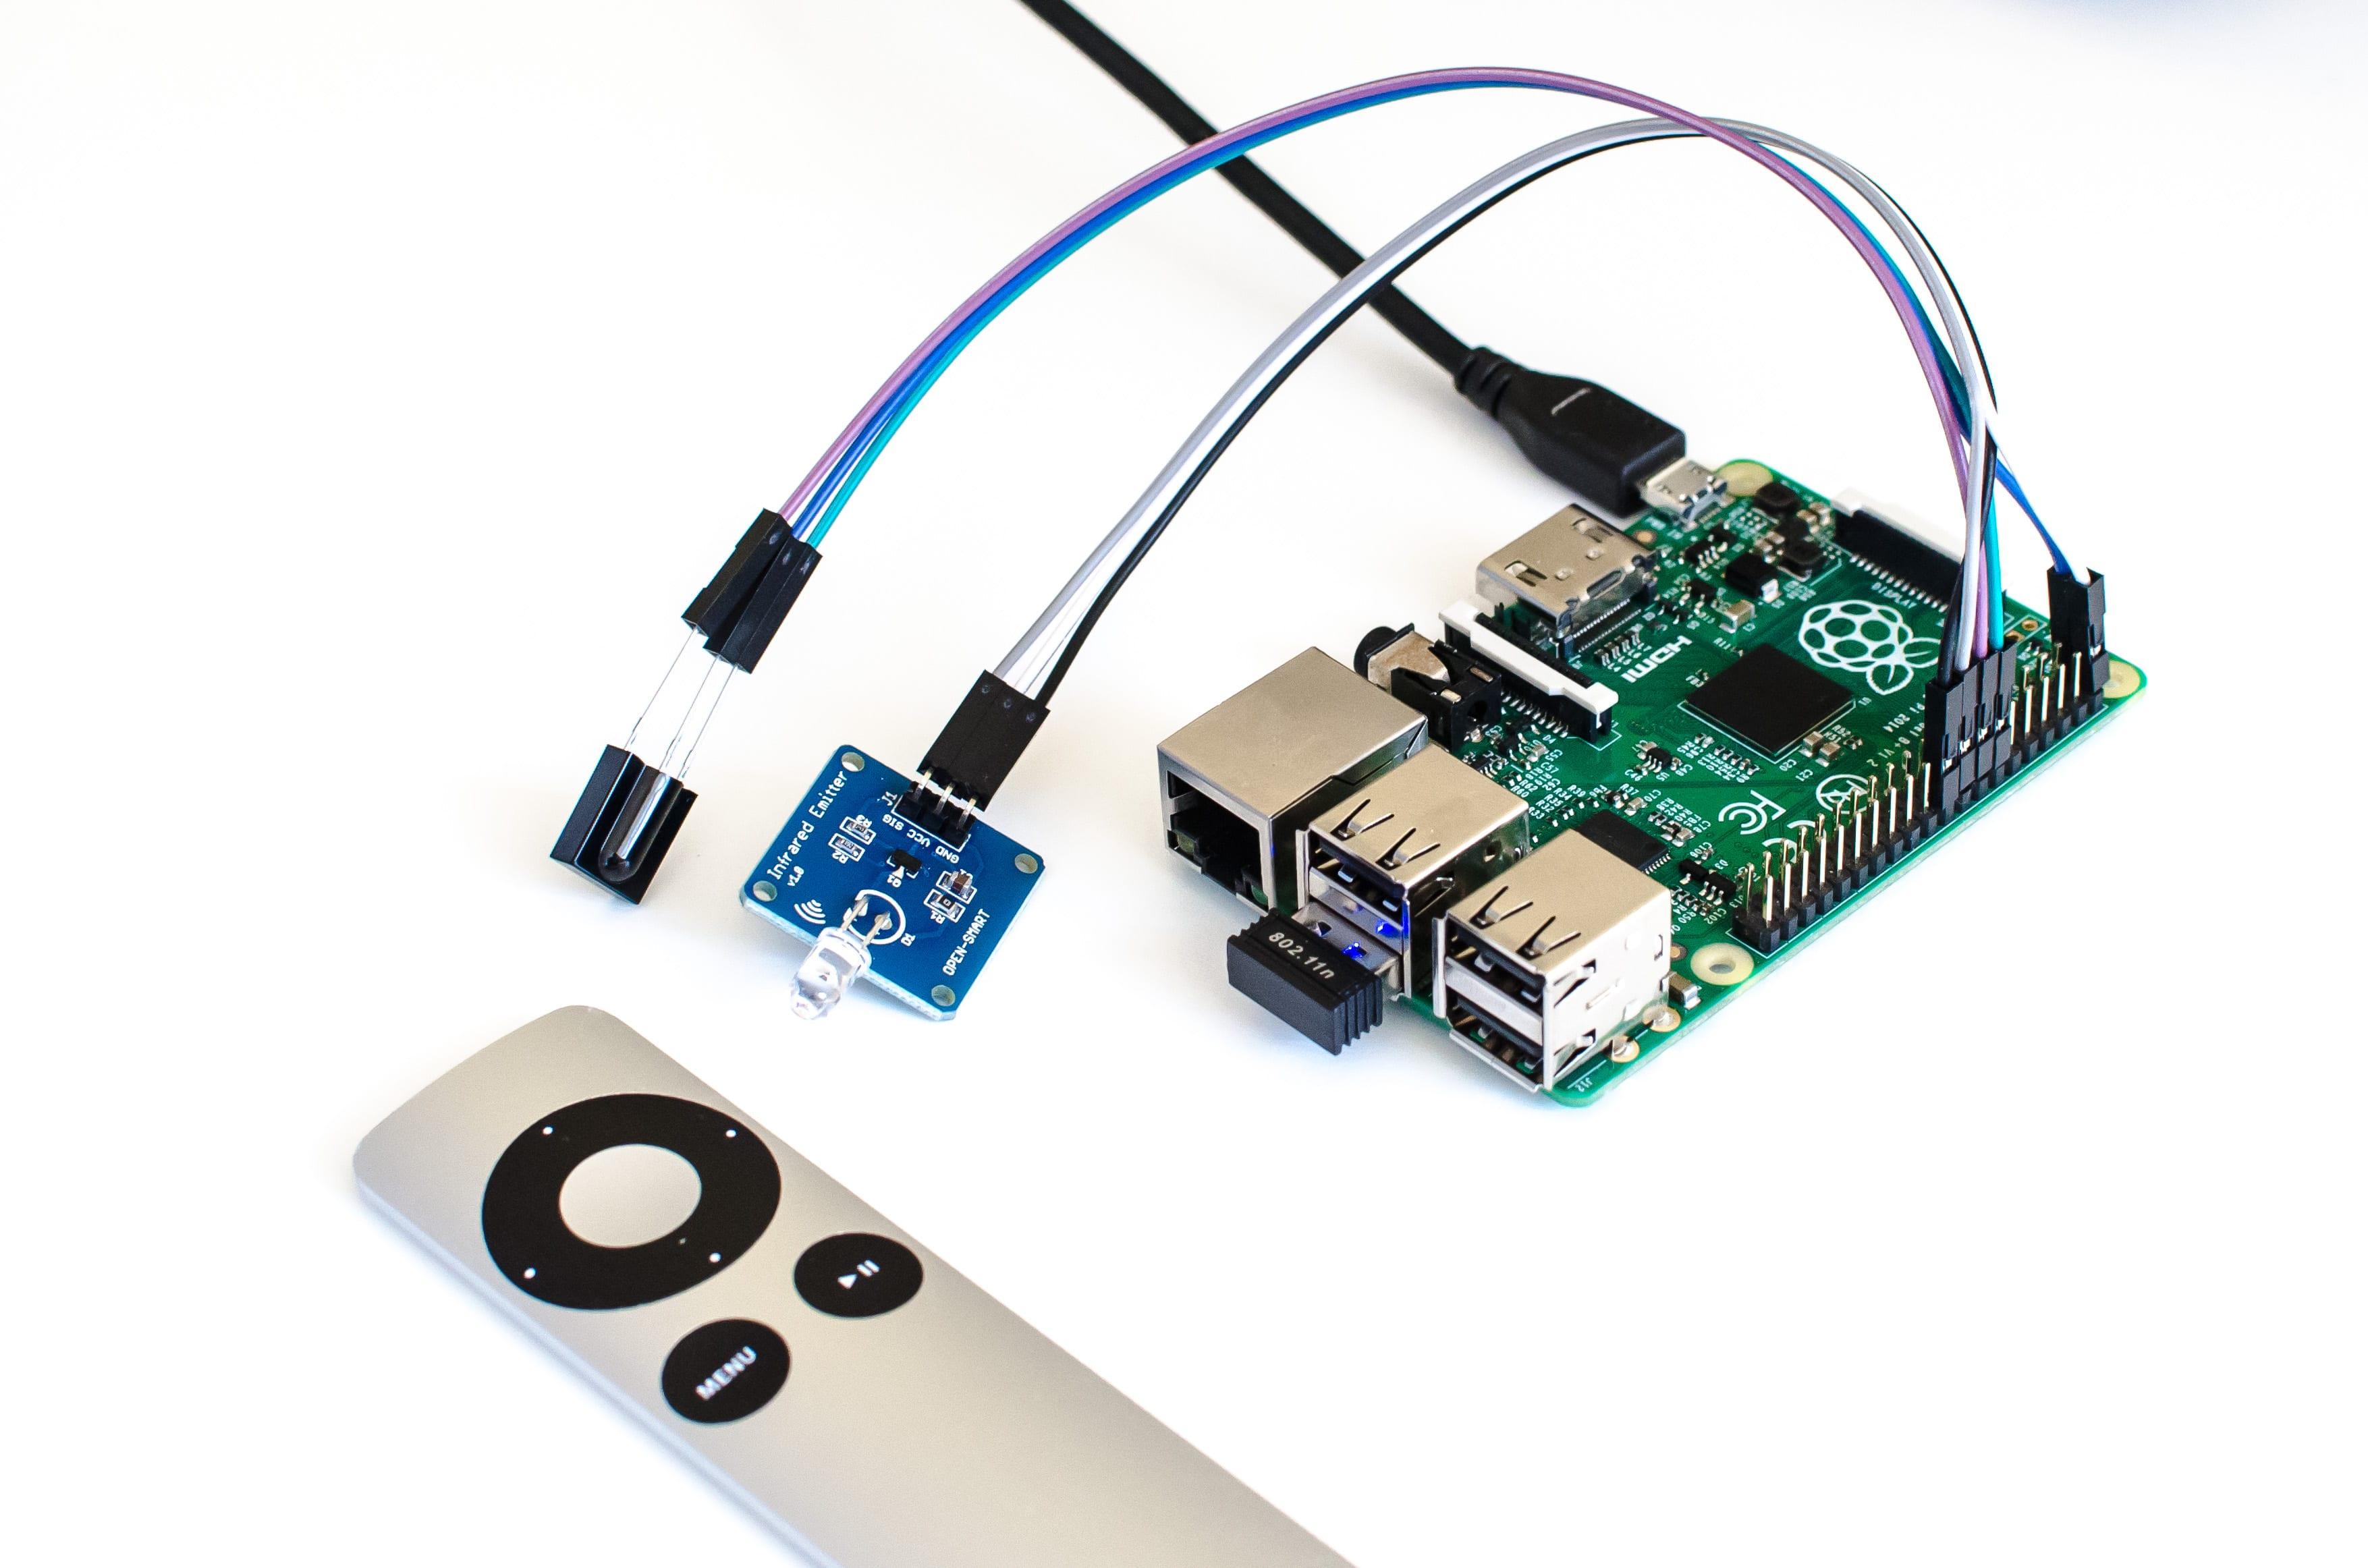 Raspberry Pi Mit Lirc Infrarot Befehle Senden Irsend Indibit Ir Rc5 Remote Control Transmitter Receiver Und Emitter